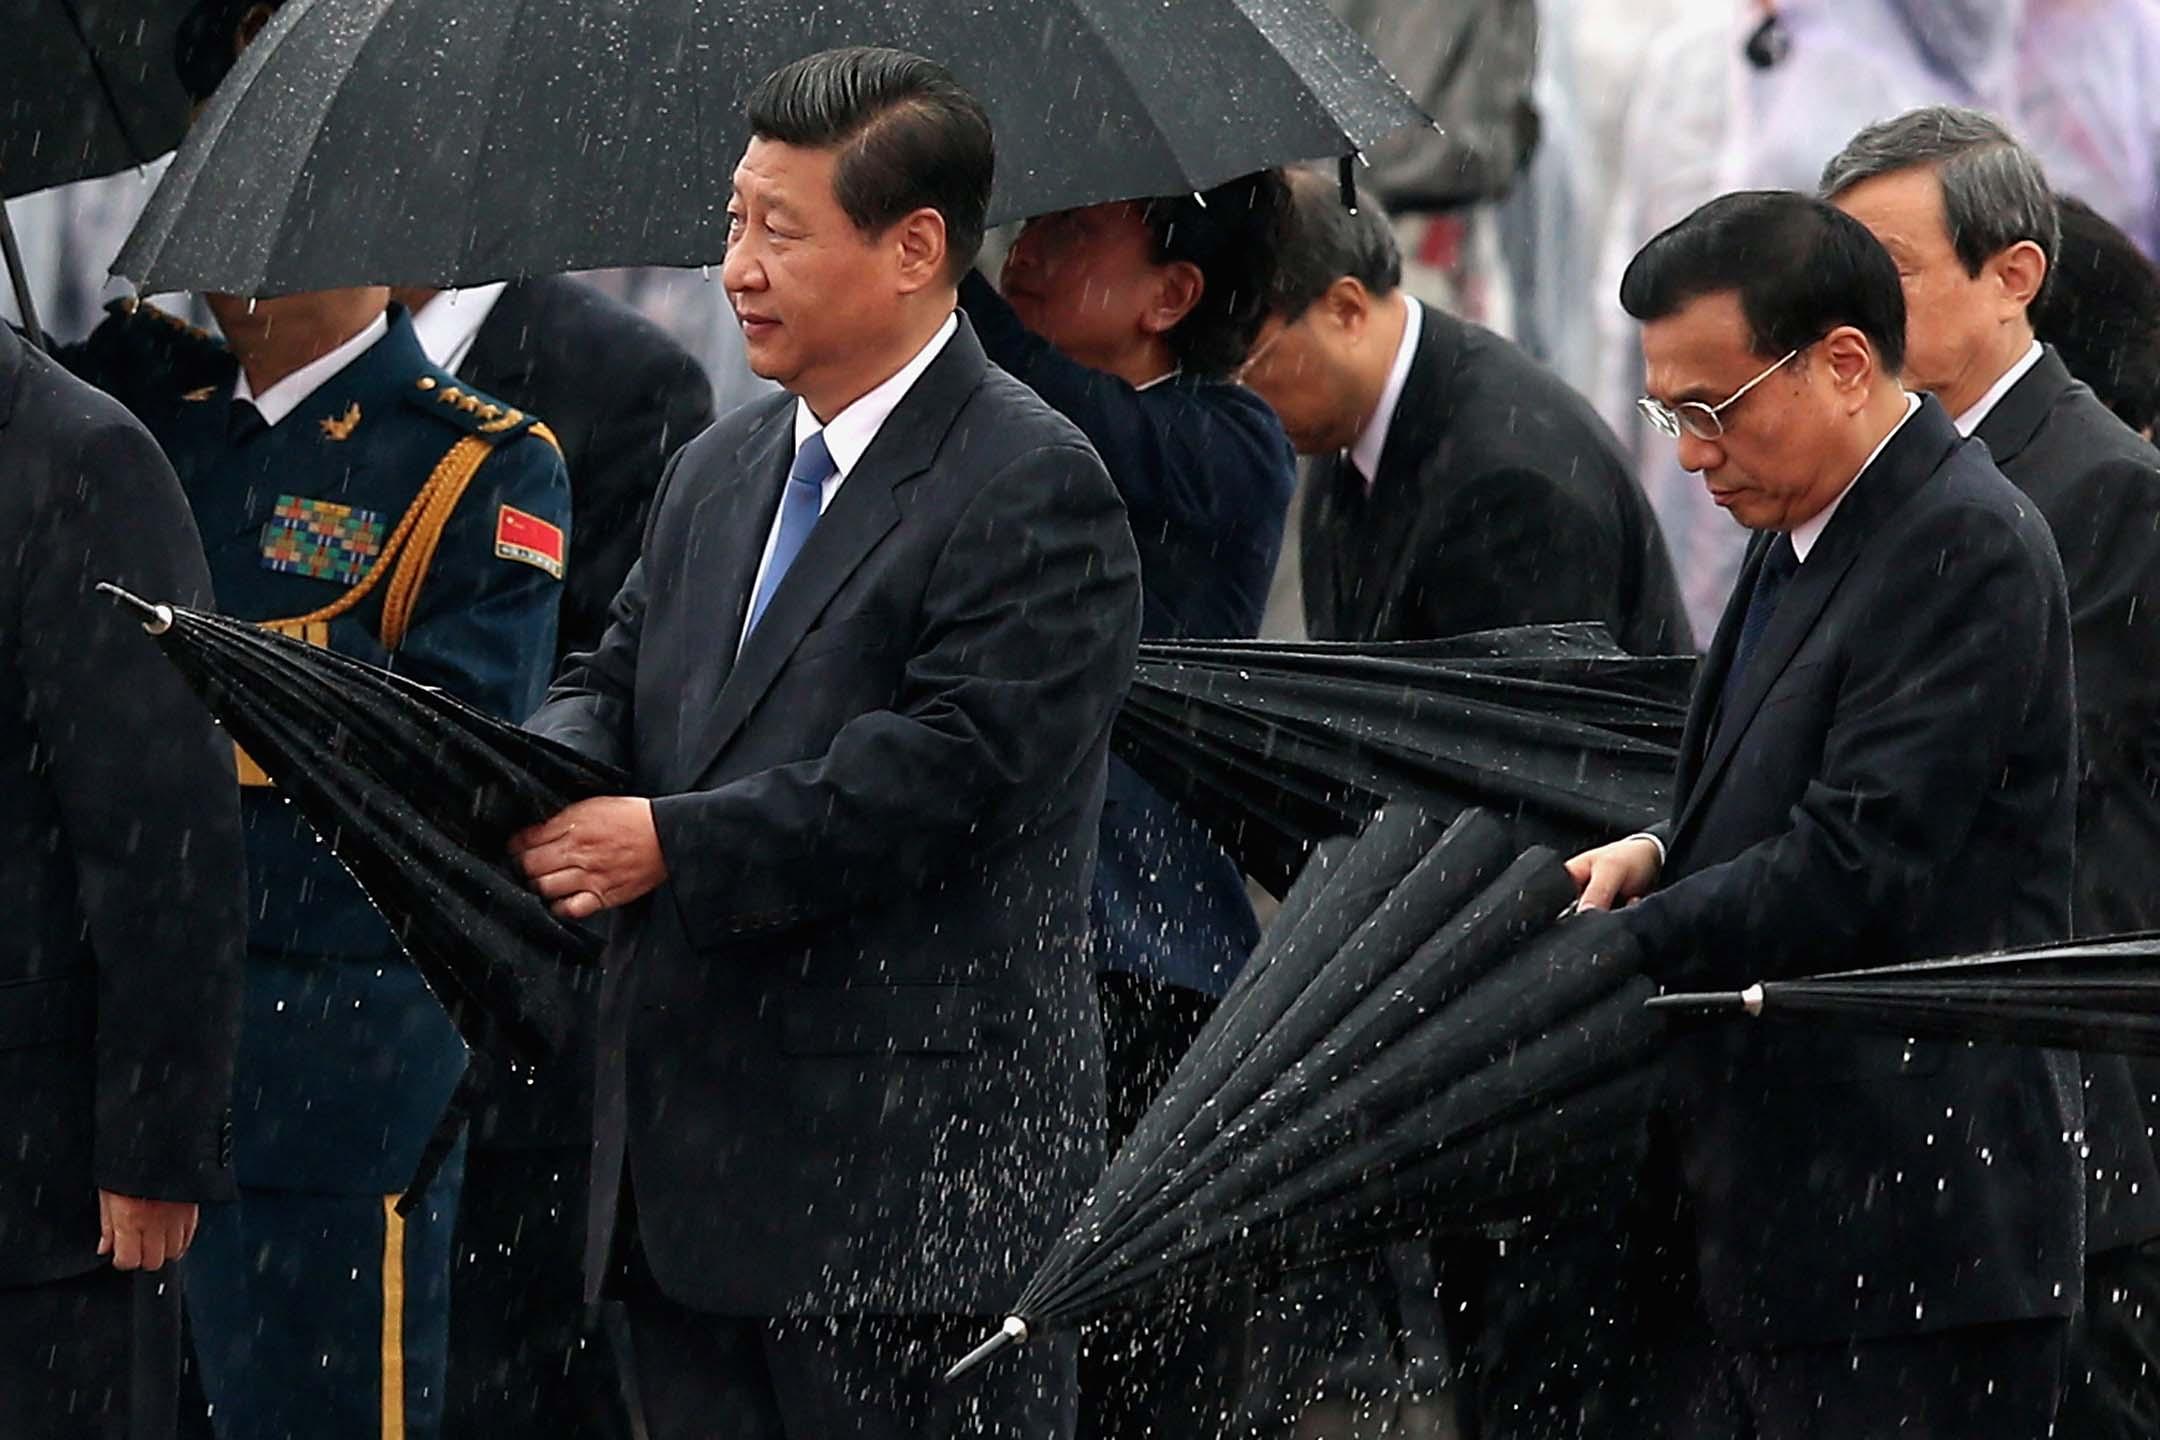 2013年10月1日中國北京,慶祝中華人民共和國成立 64 週年,中國國家主席習近平(左)和李克強總理(右)在向人民英雄紀念碑鞠躬。